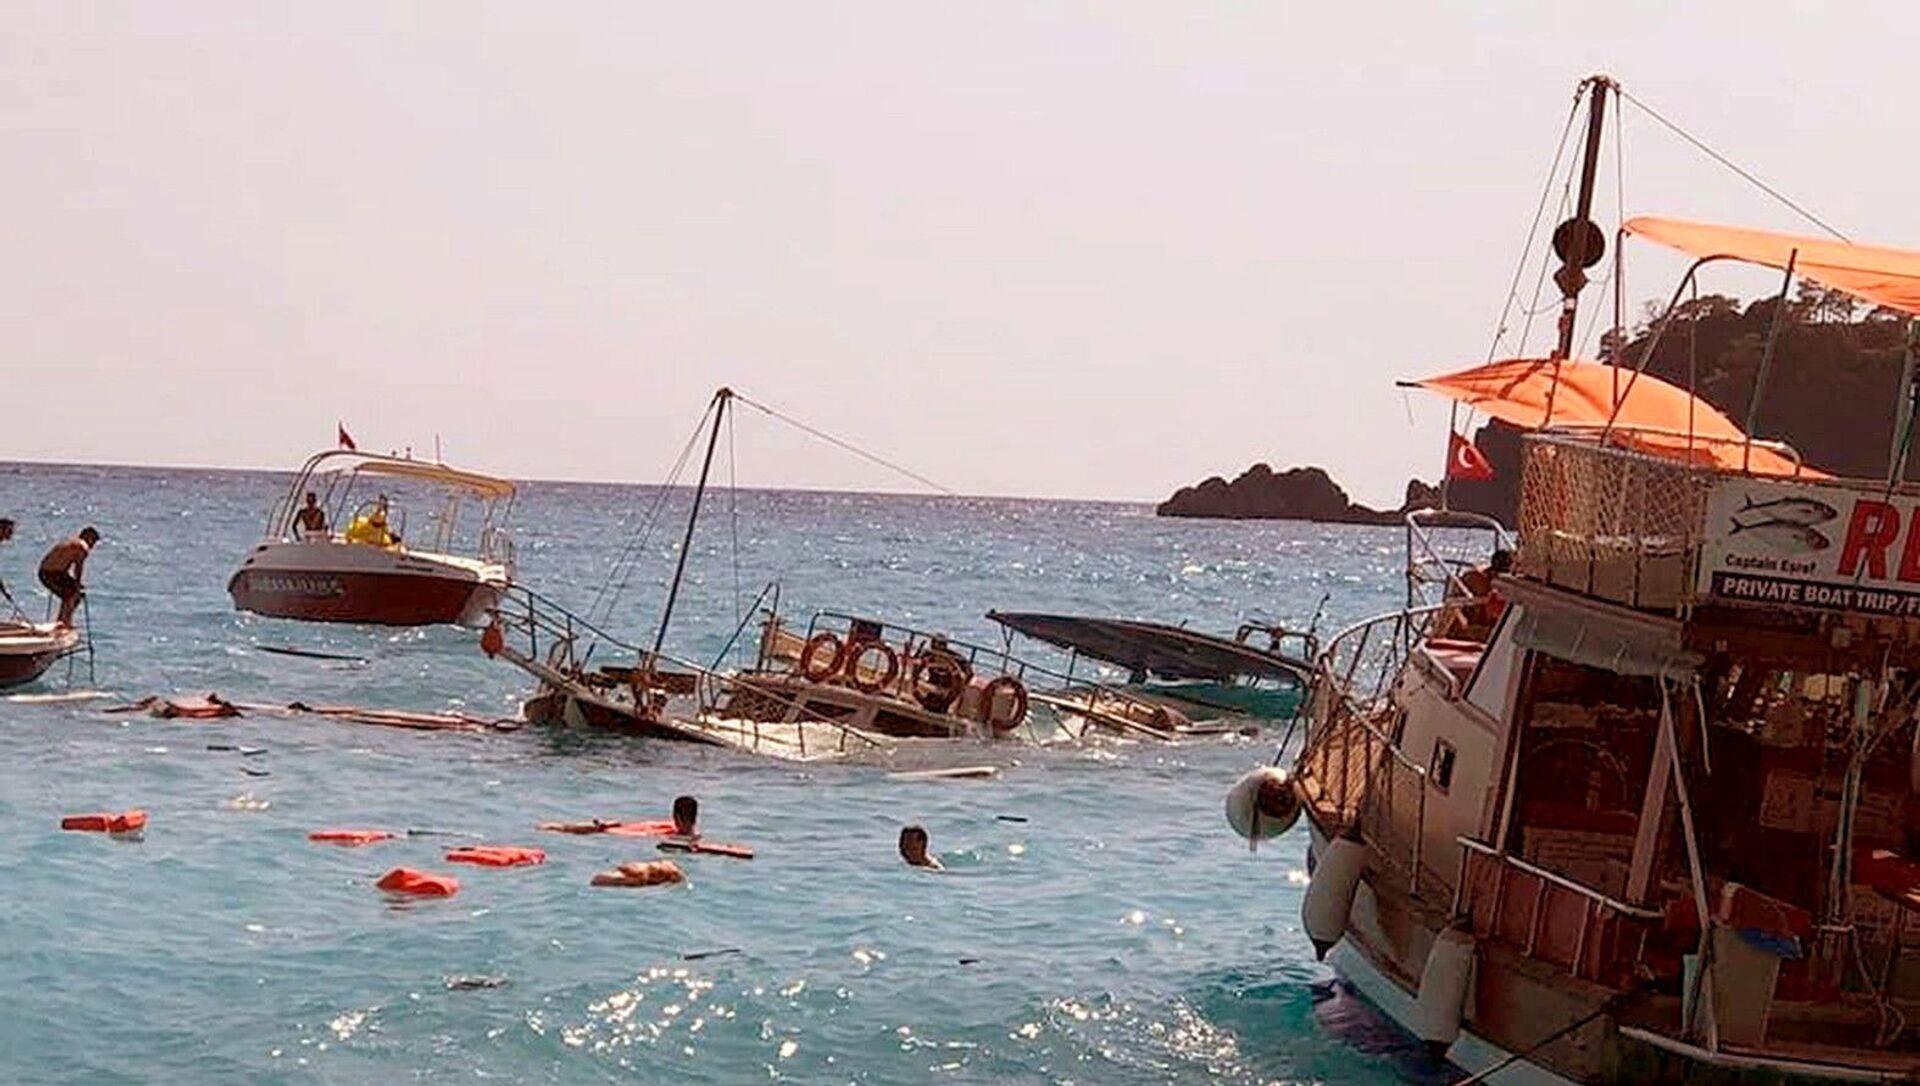 Ölüdeniz'de batan tekne - Sputnik Türkiye, 1920, 04.07.2021